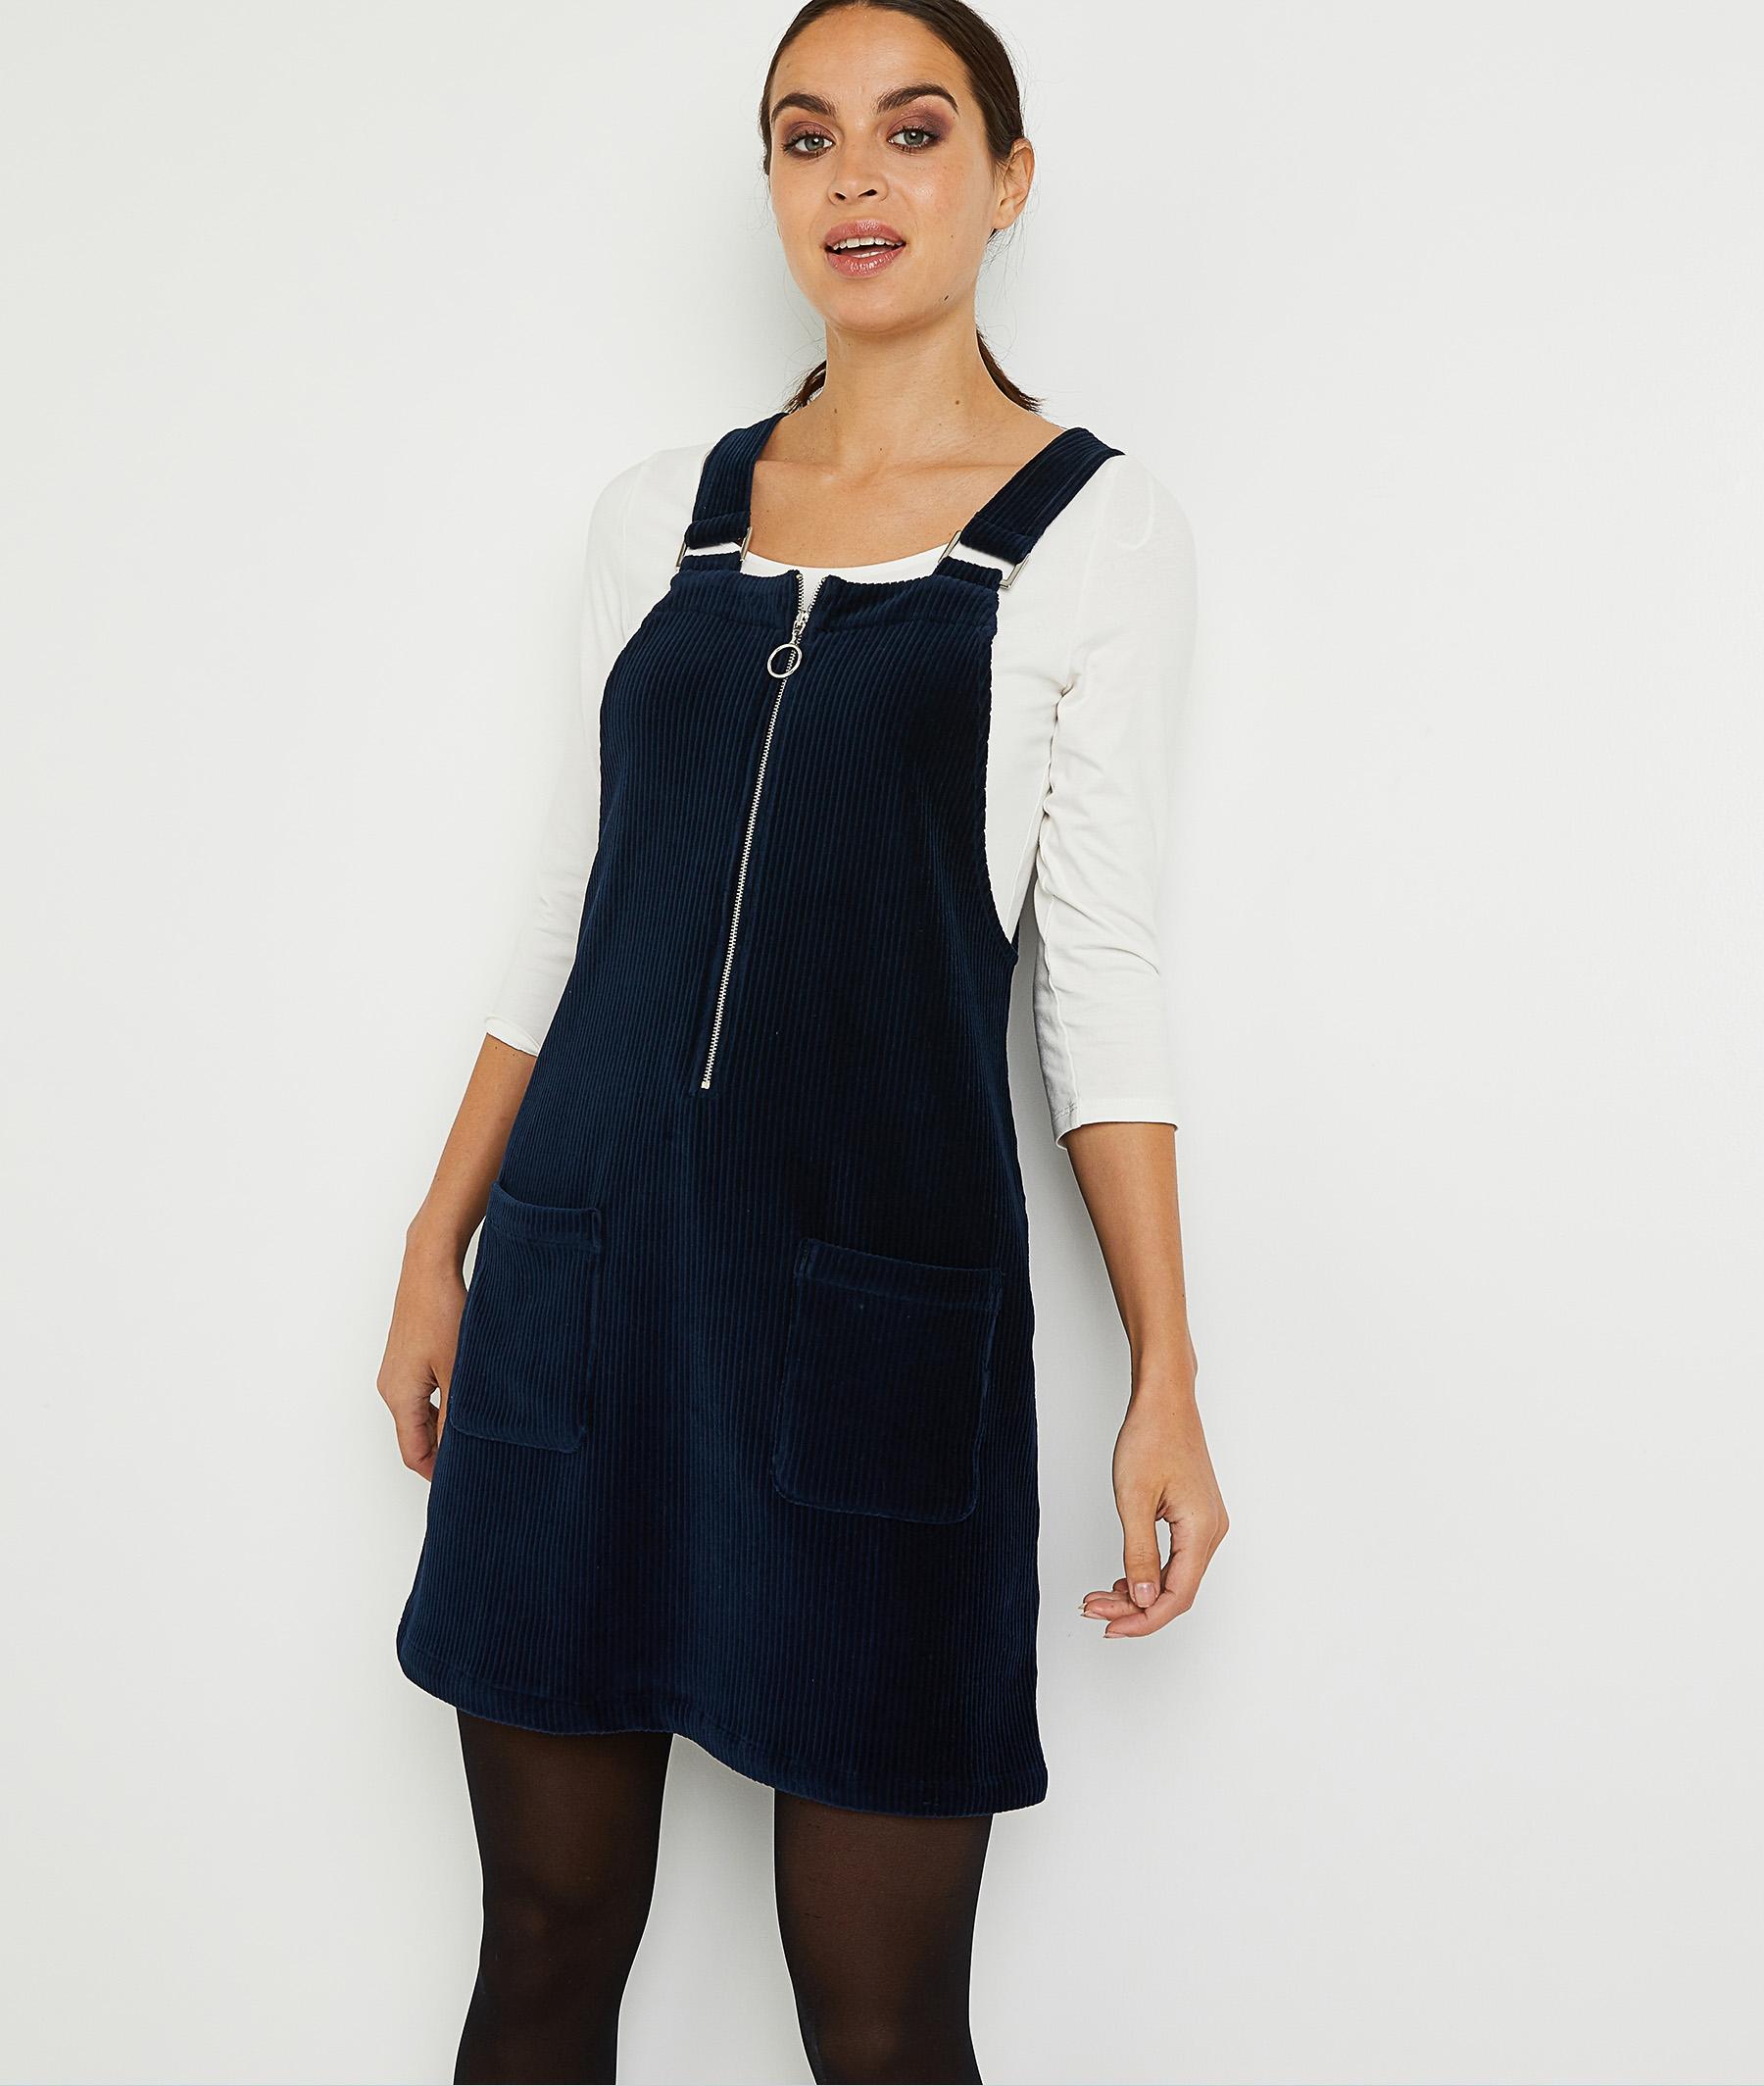 Robe chasuble en velours marine femme MARINE